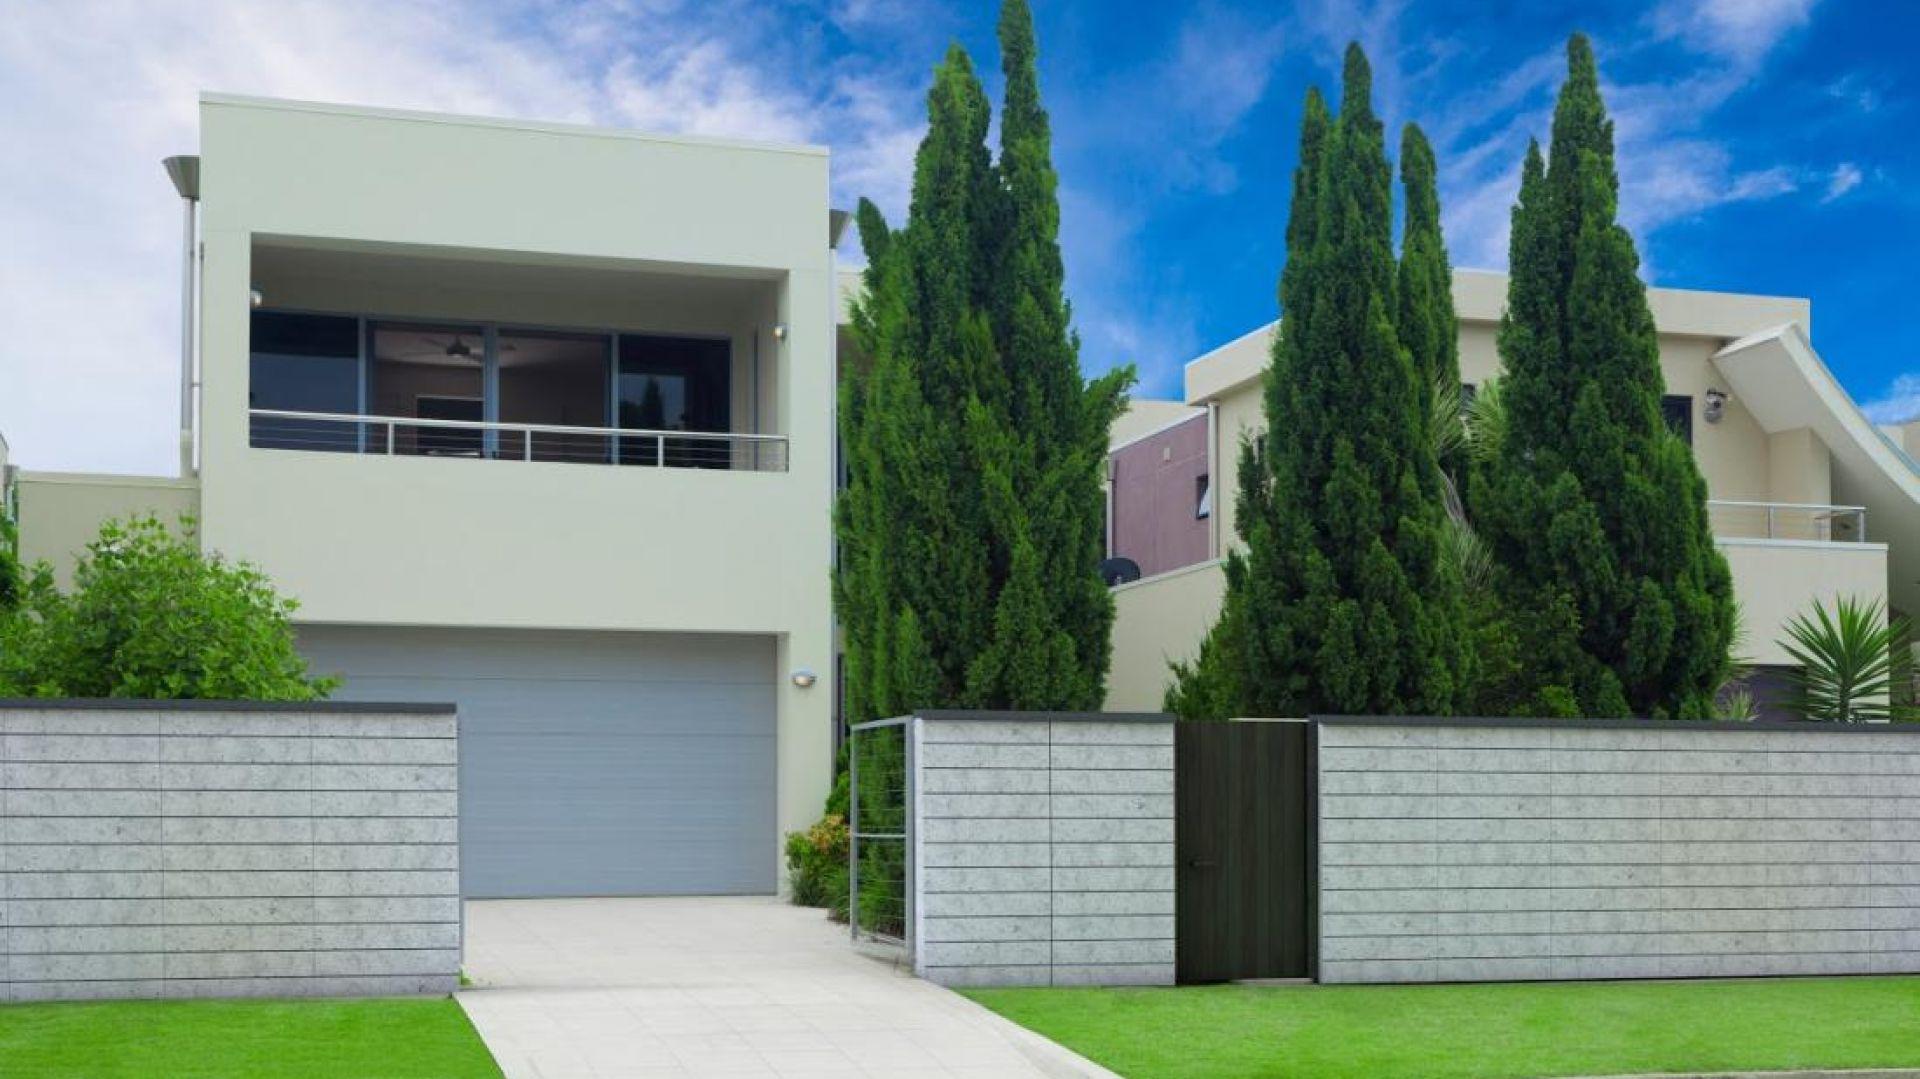 Pustak ogrodzeniowy gładki, umożliwia zbudowanie nowoczesnego i eleganckiego ogrodzenia o wysokości nawet do 300 cm. Fot. Jadar